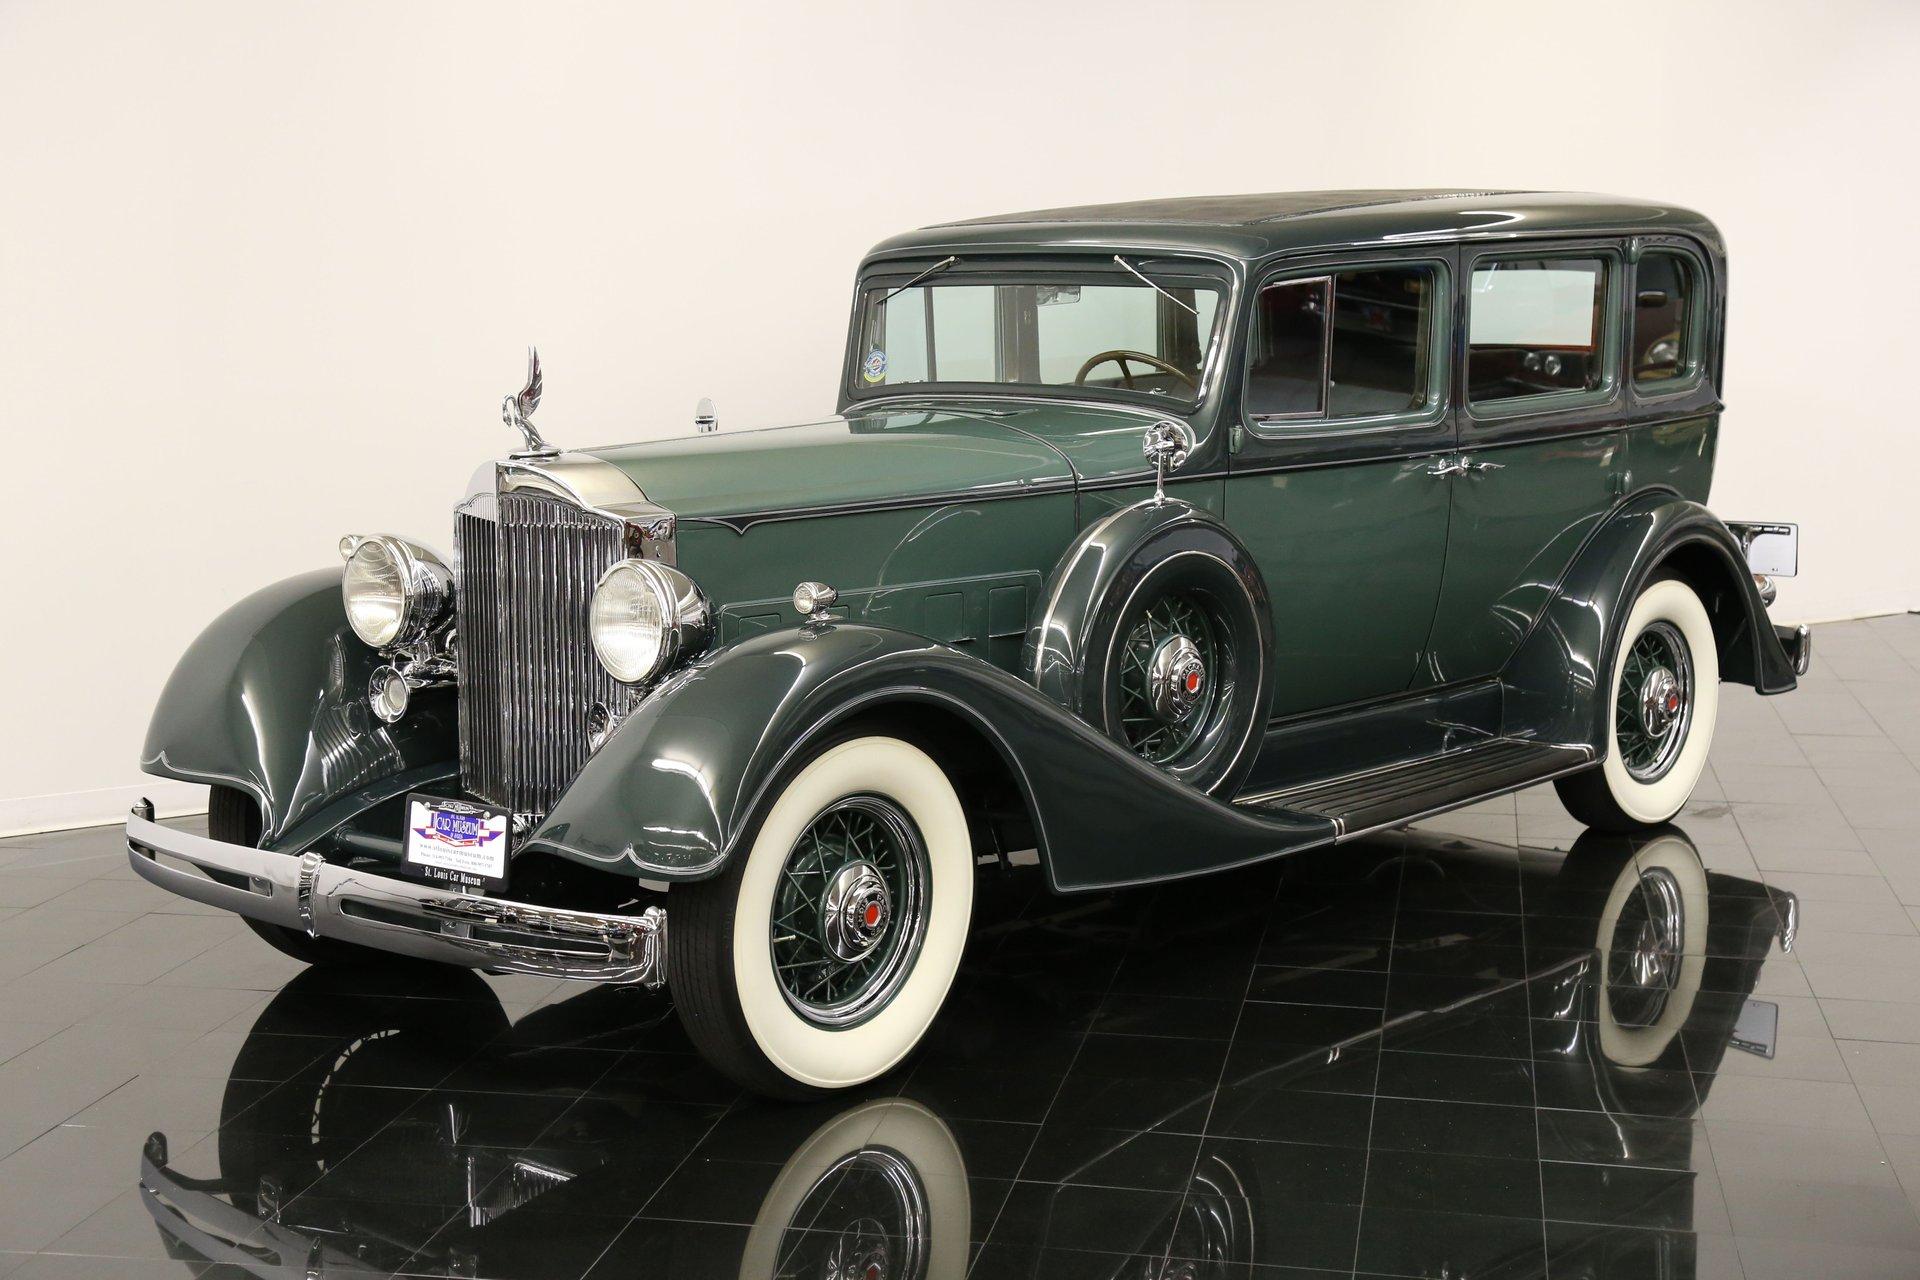 1934 packard series 1100 sedan